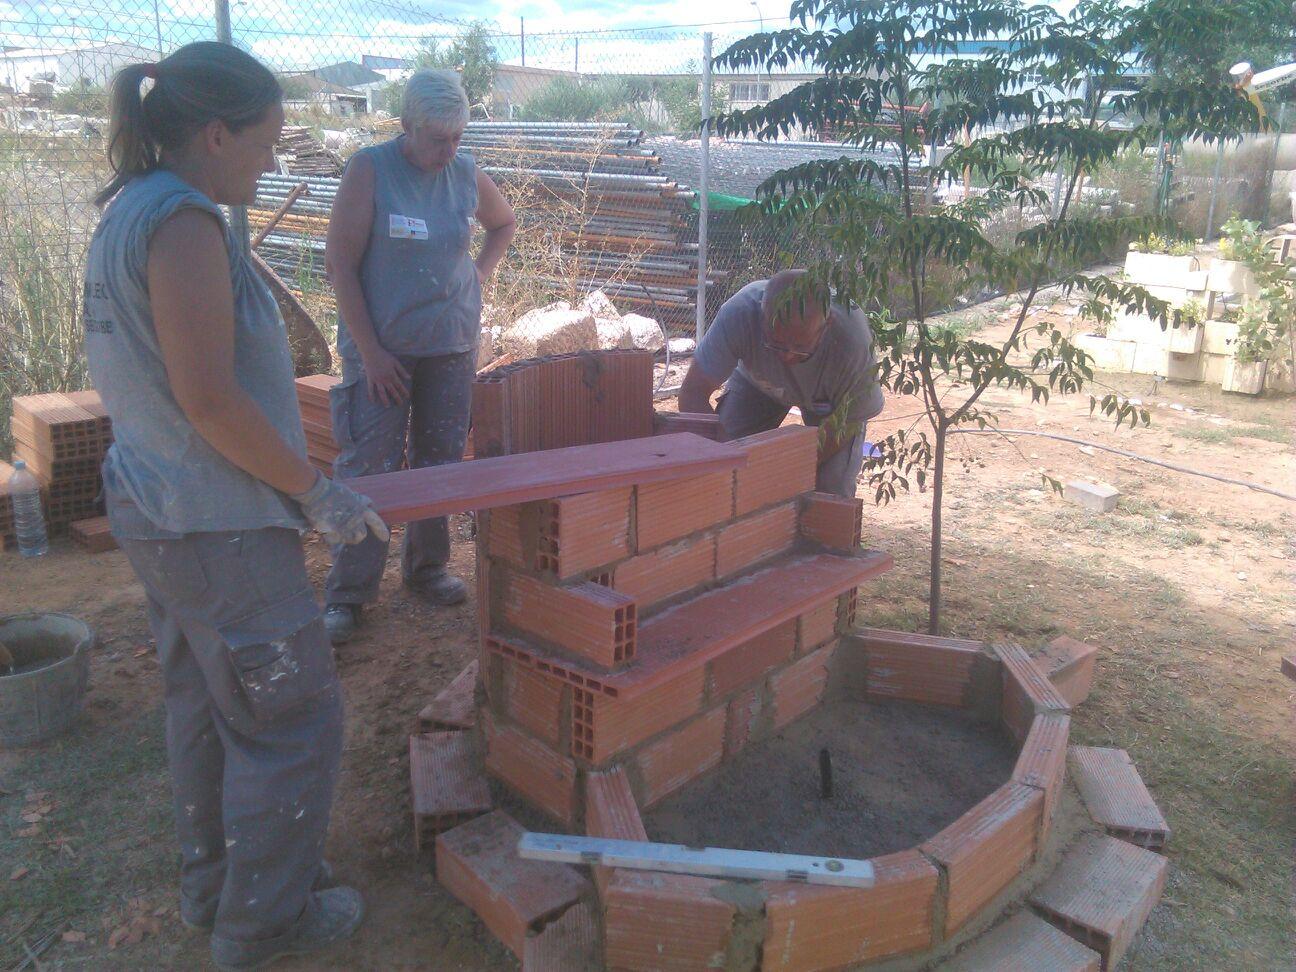 Taller De Empleo Seg Briga Vii Construcci N De Una